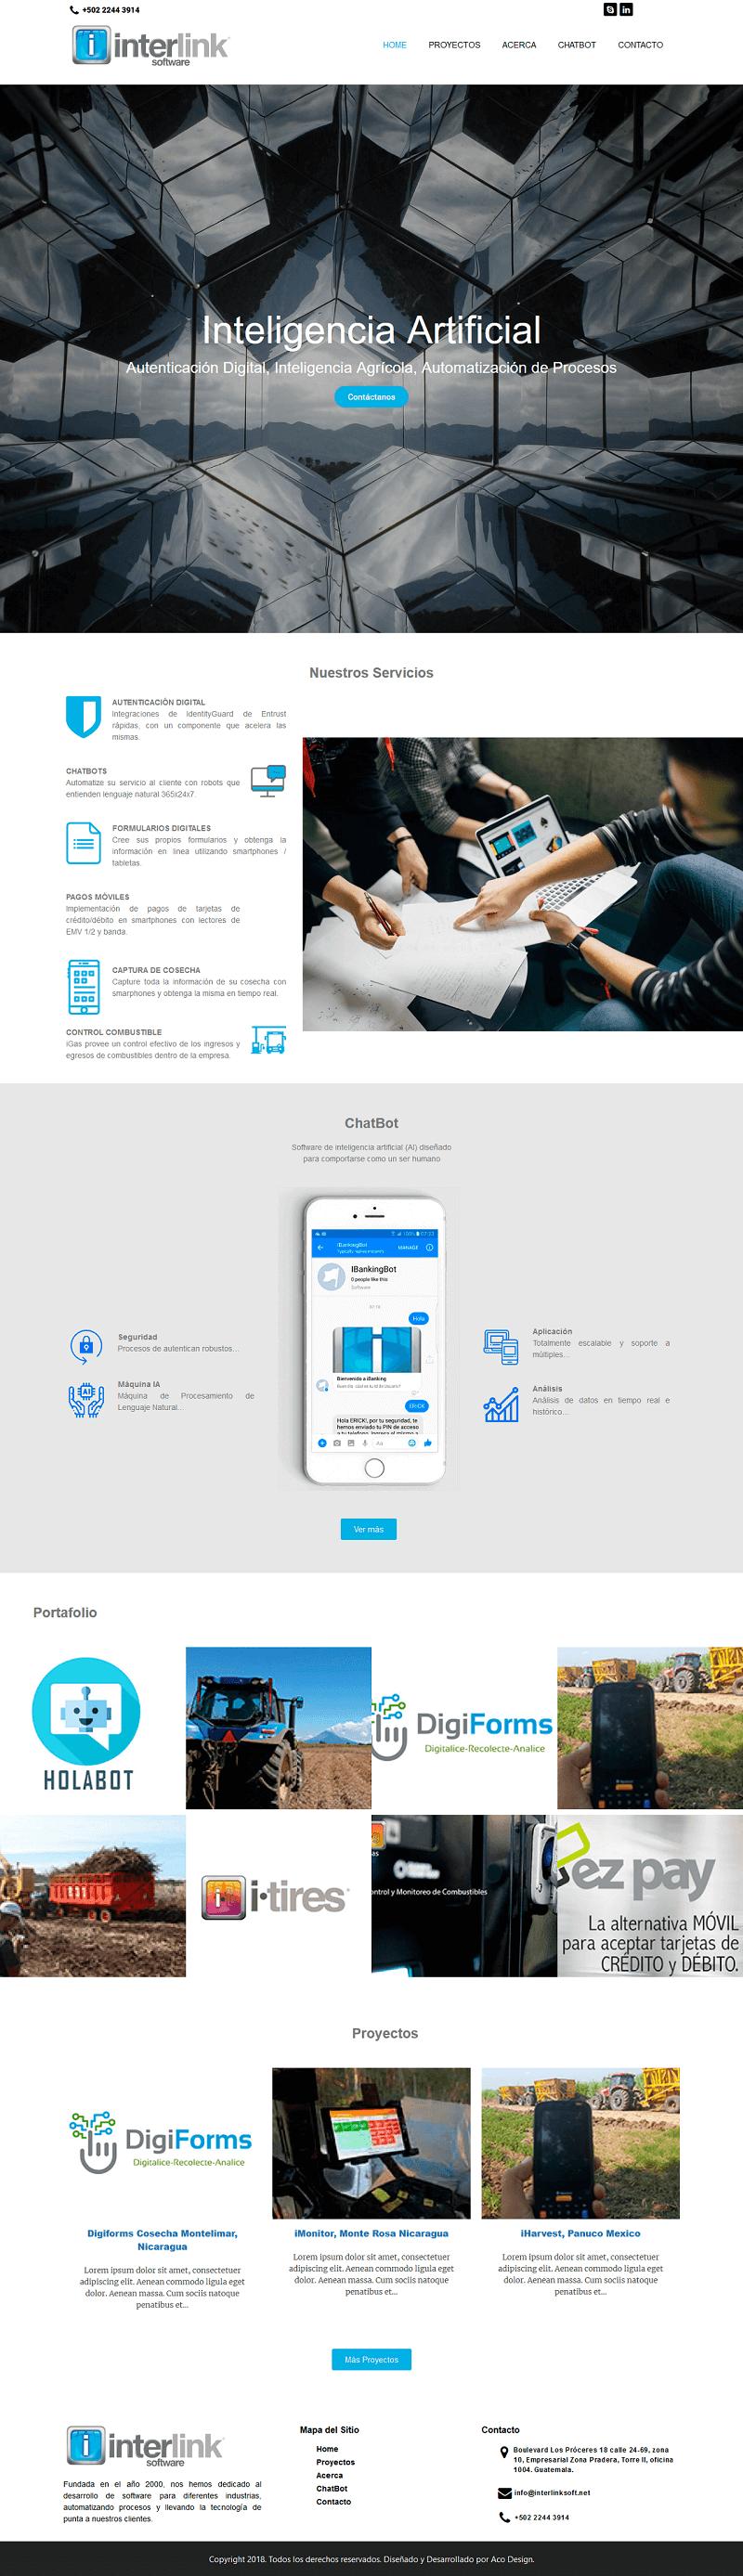 www.interlinksoft.net